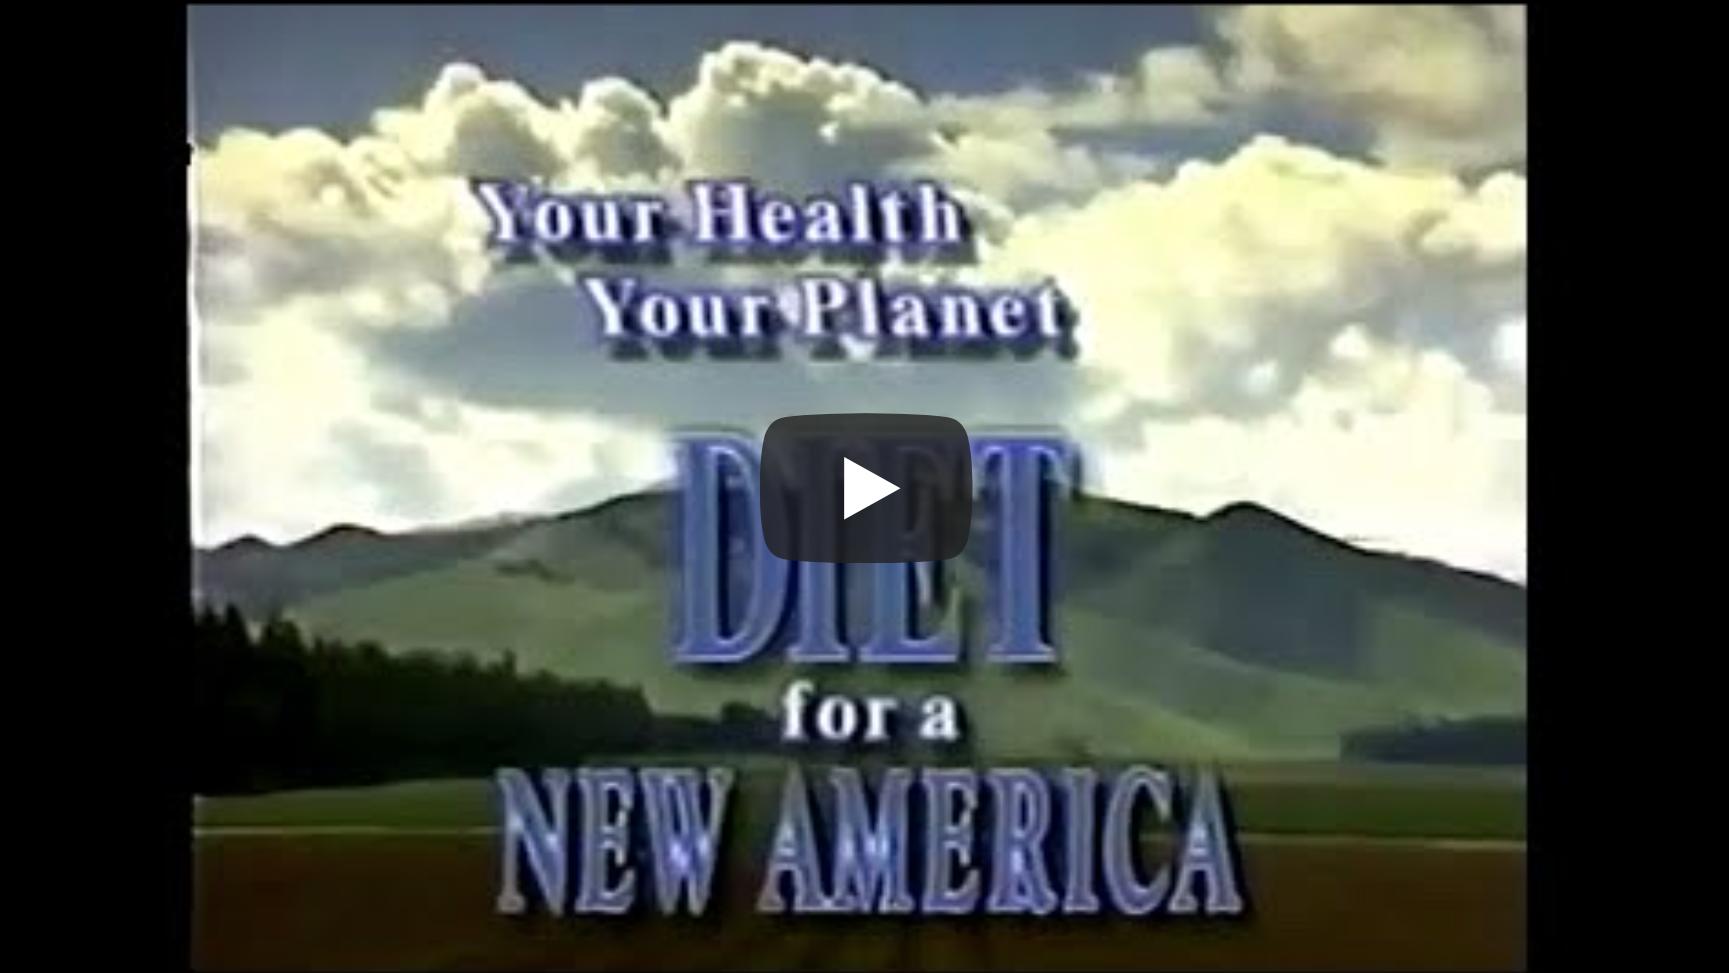 DIET FOR A NEW AMERICA ✰ John Robbins ✰ Full Documentary | VeganFlix